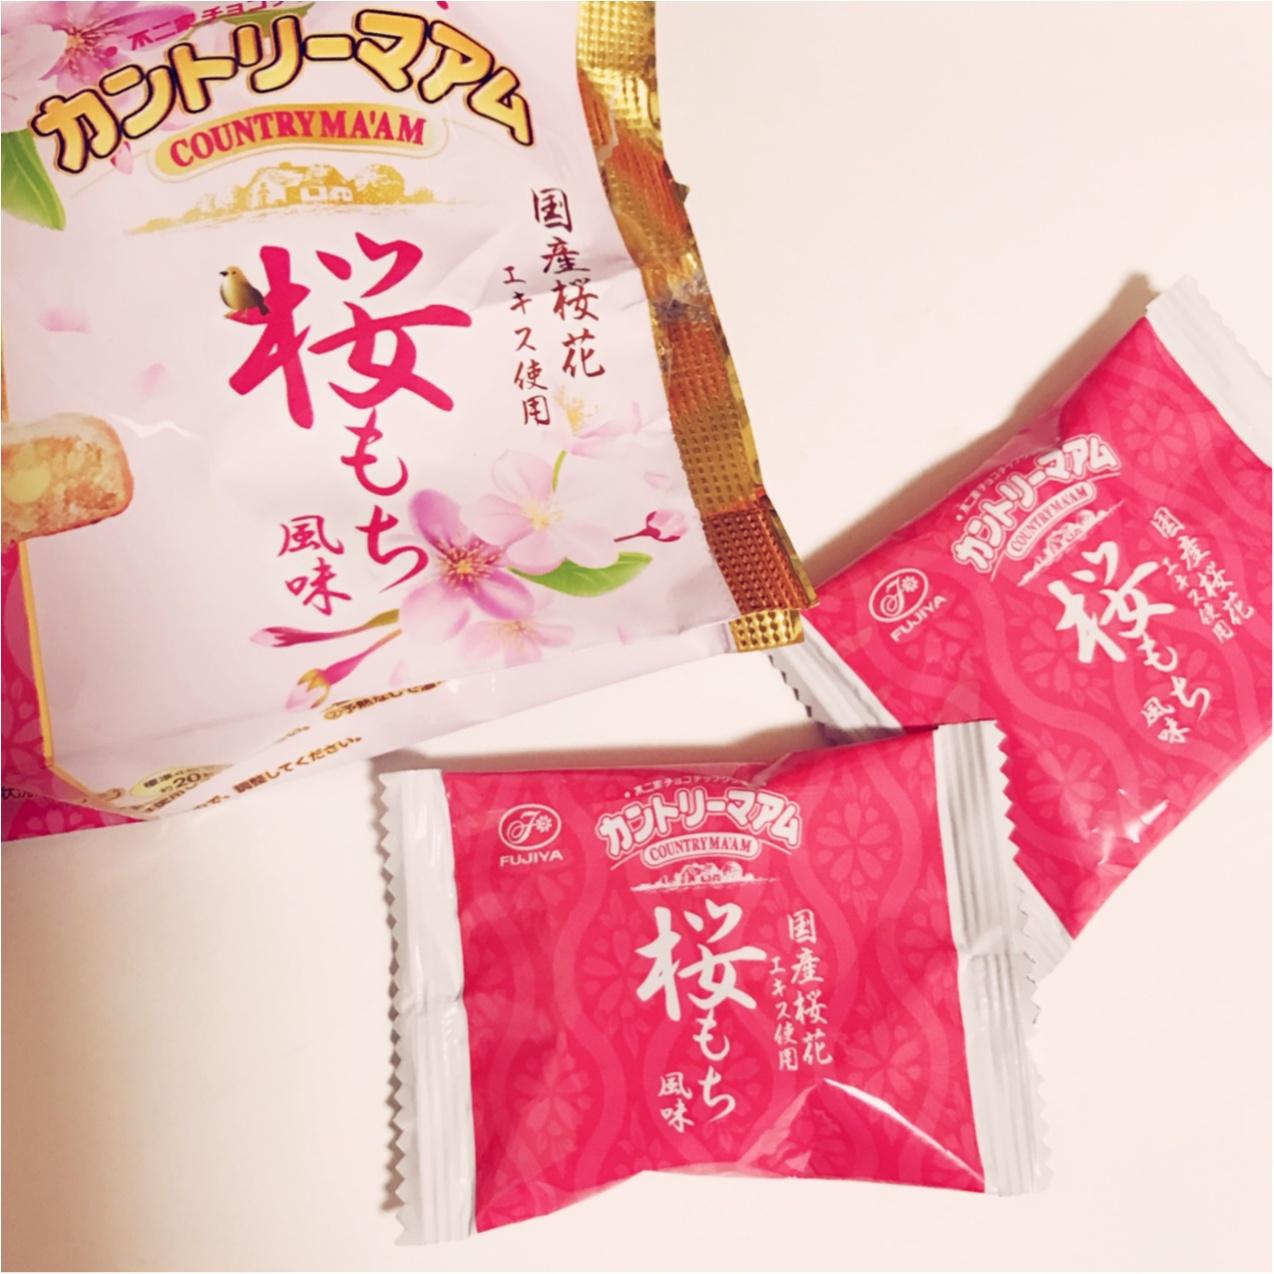 カントリーマアムの新作はなんと《桜もち》味!?♡_3